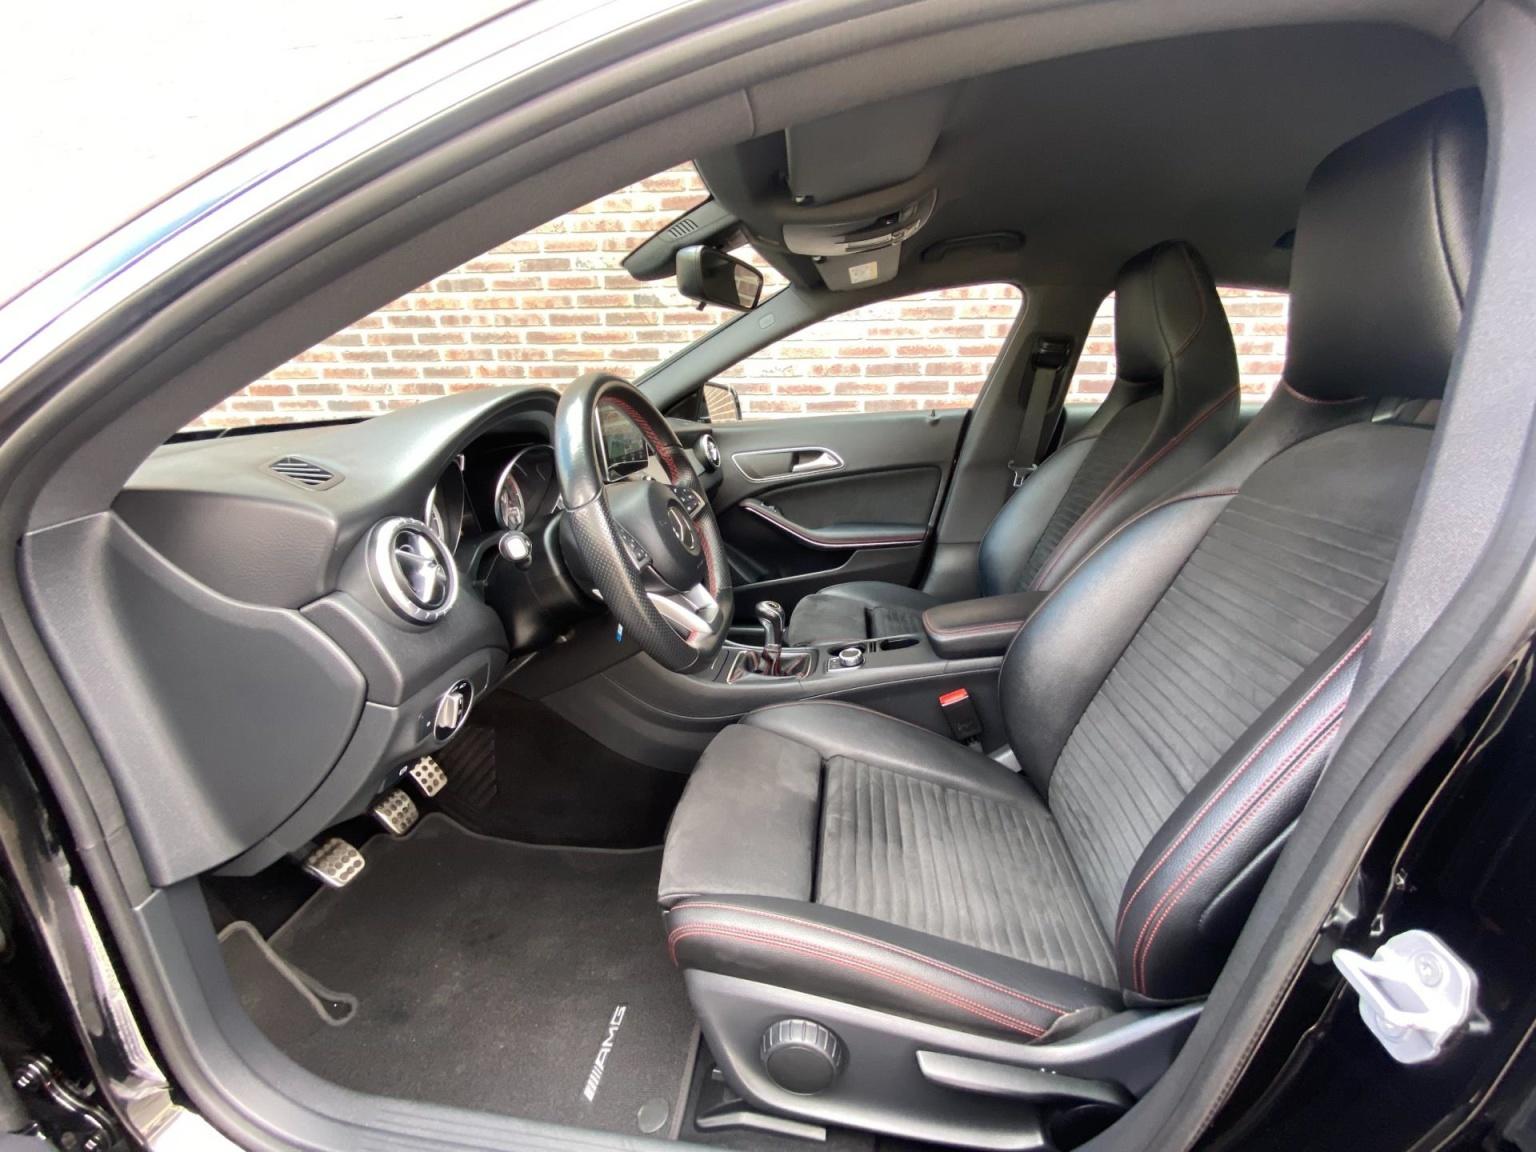 Mercedes-Benz-CLA-Klasse-11